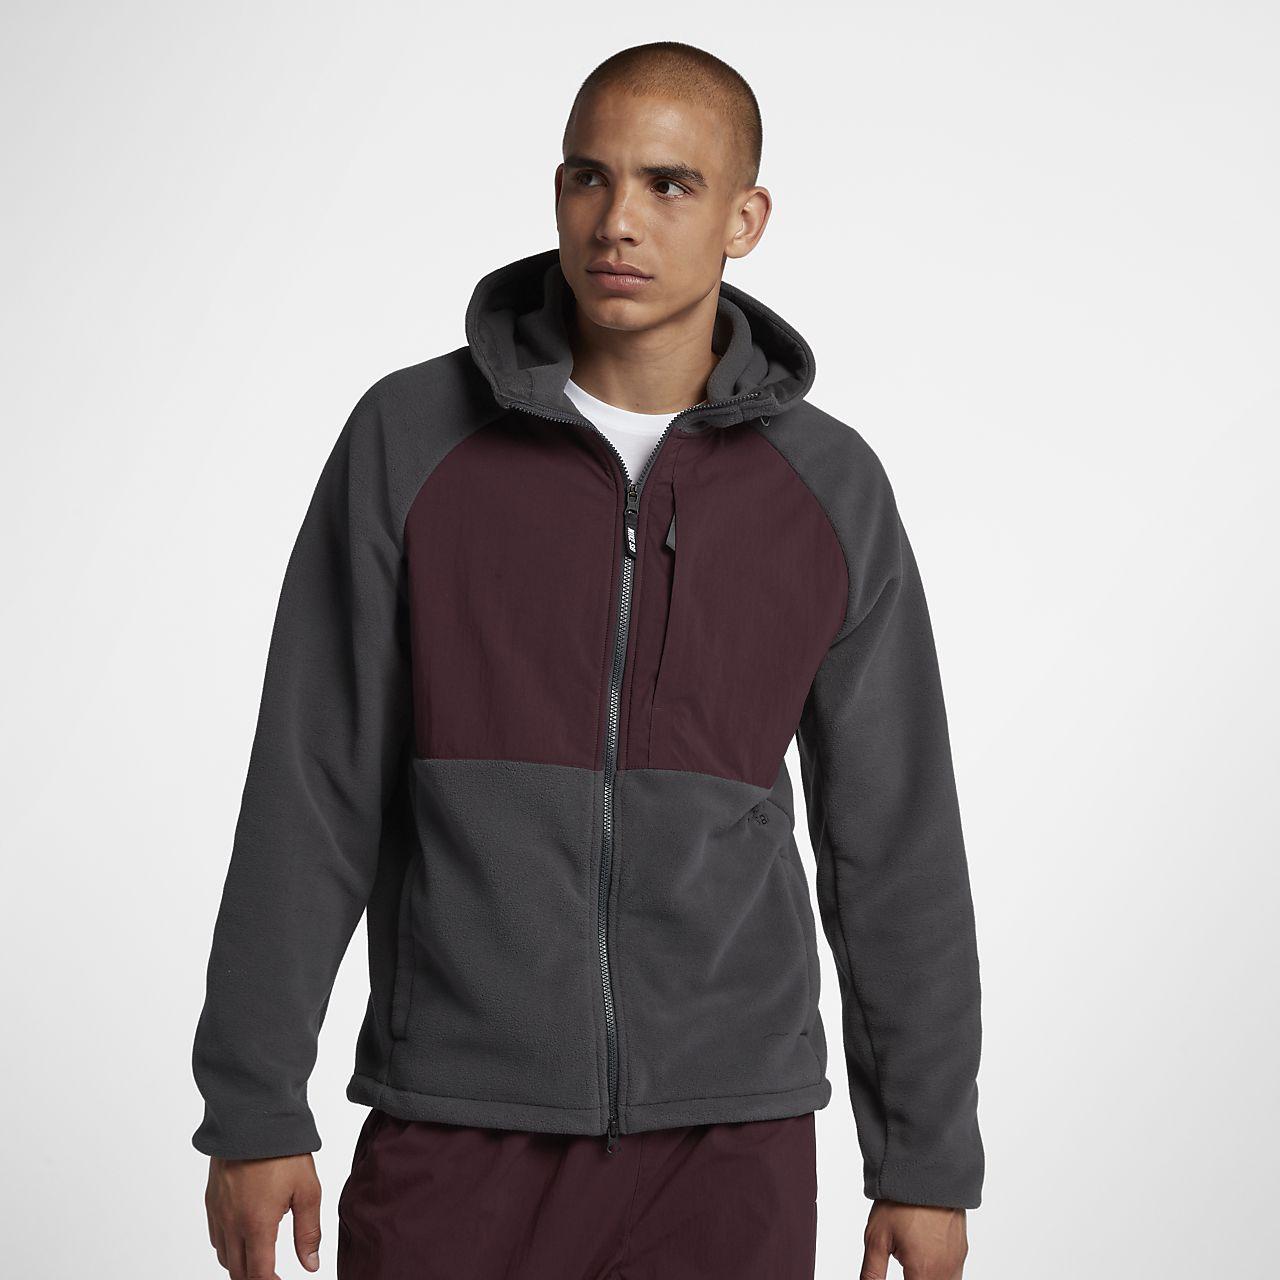 Nike SB Winterized Sudadera con capucha de skate con cremallera completa - Hombre